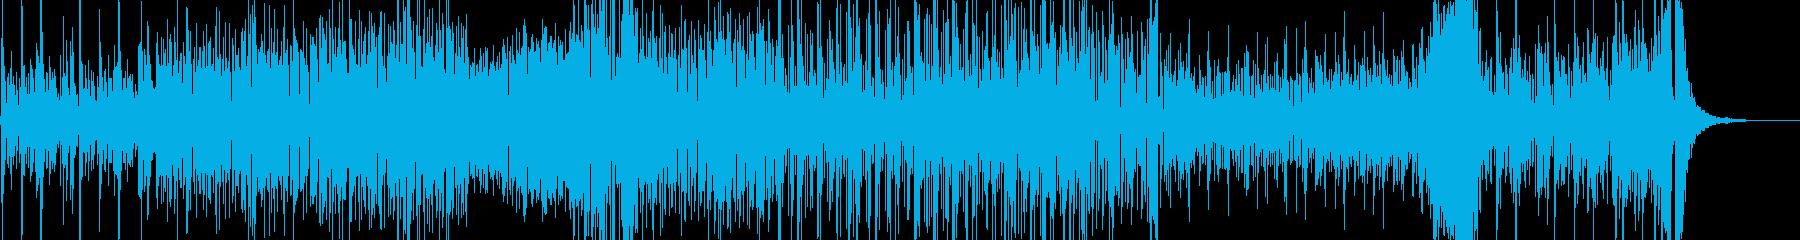 民:スパニッシュのカッコイイ!アコギ曲の再生済みの波形